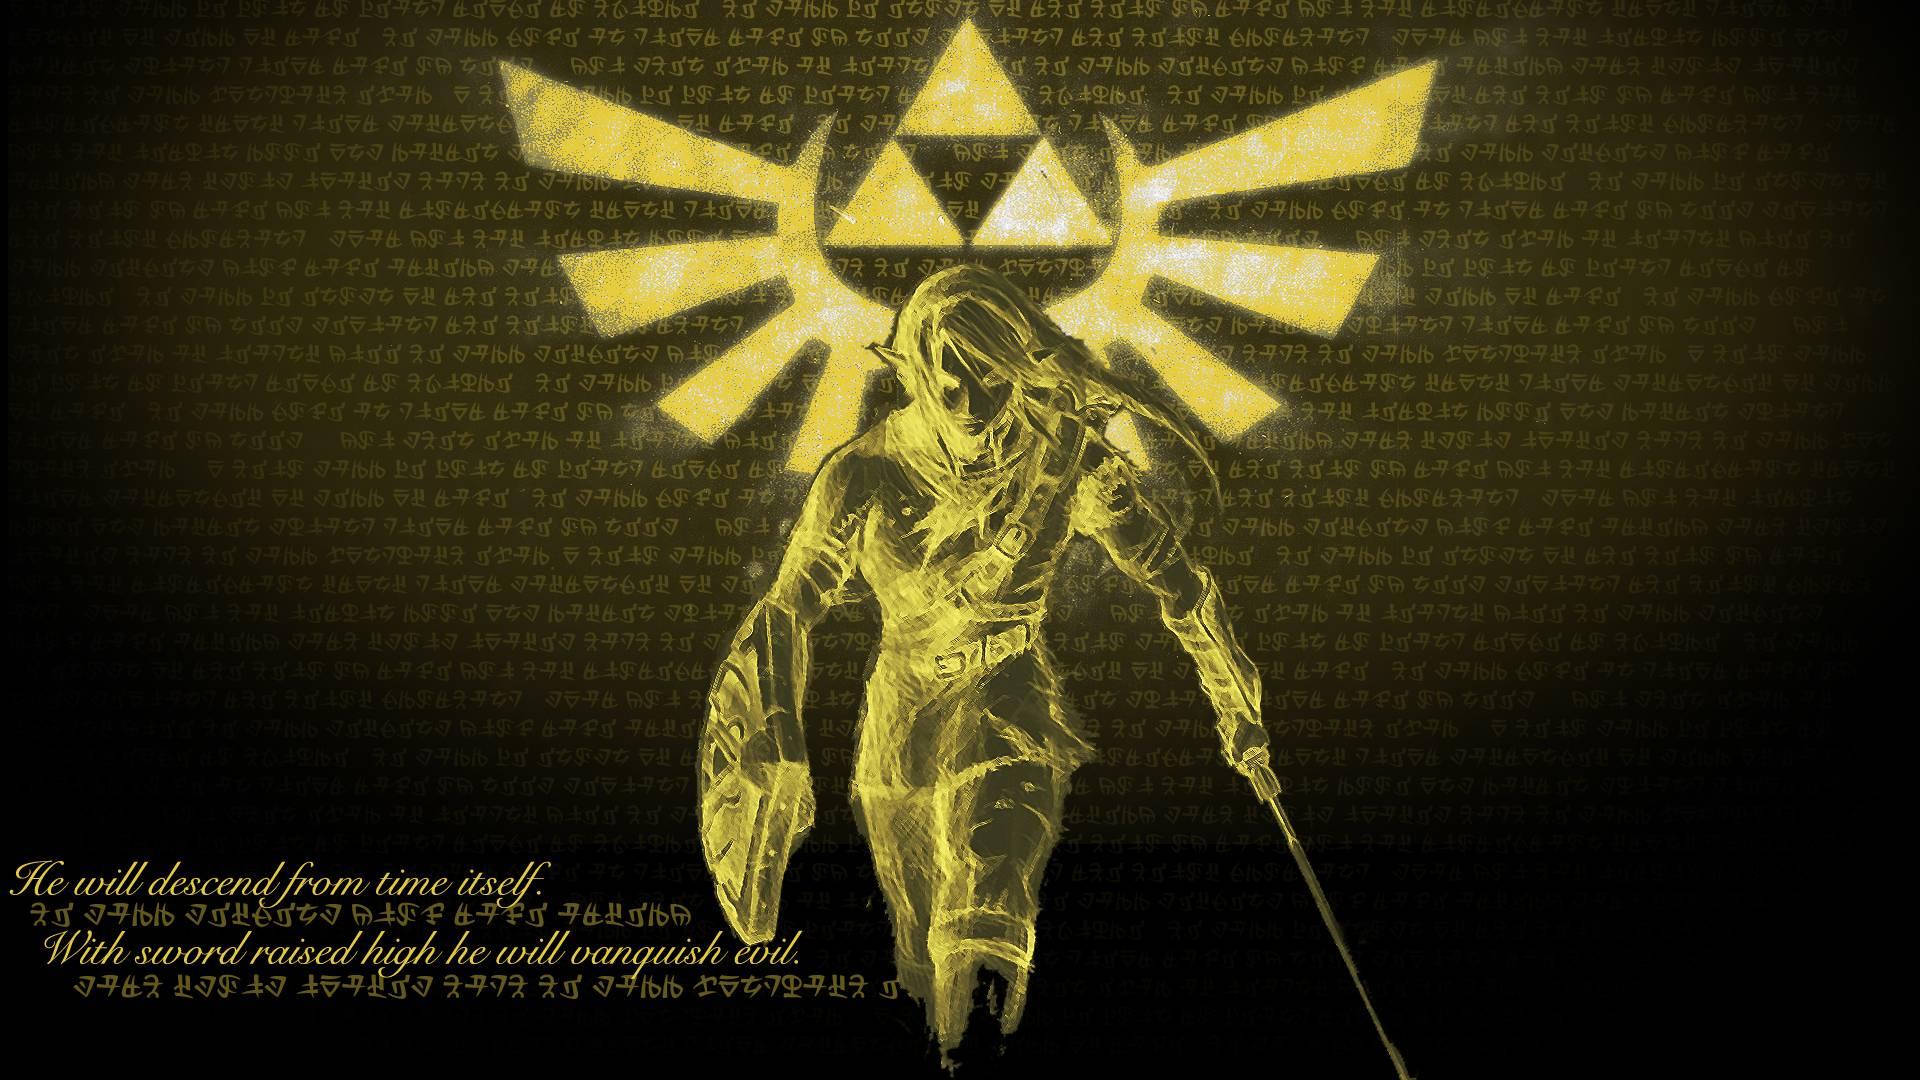 Wallpaper iphone zelda - Wallpapers For Zelda Triforce Iphone Wallpaper